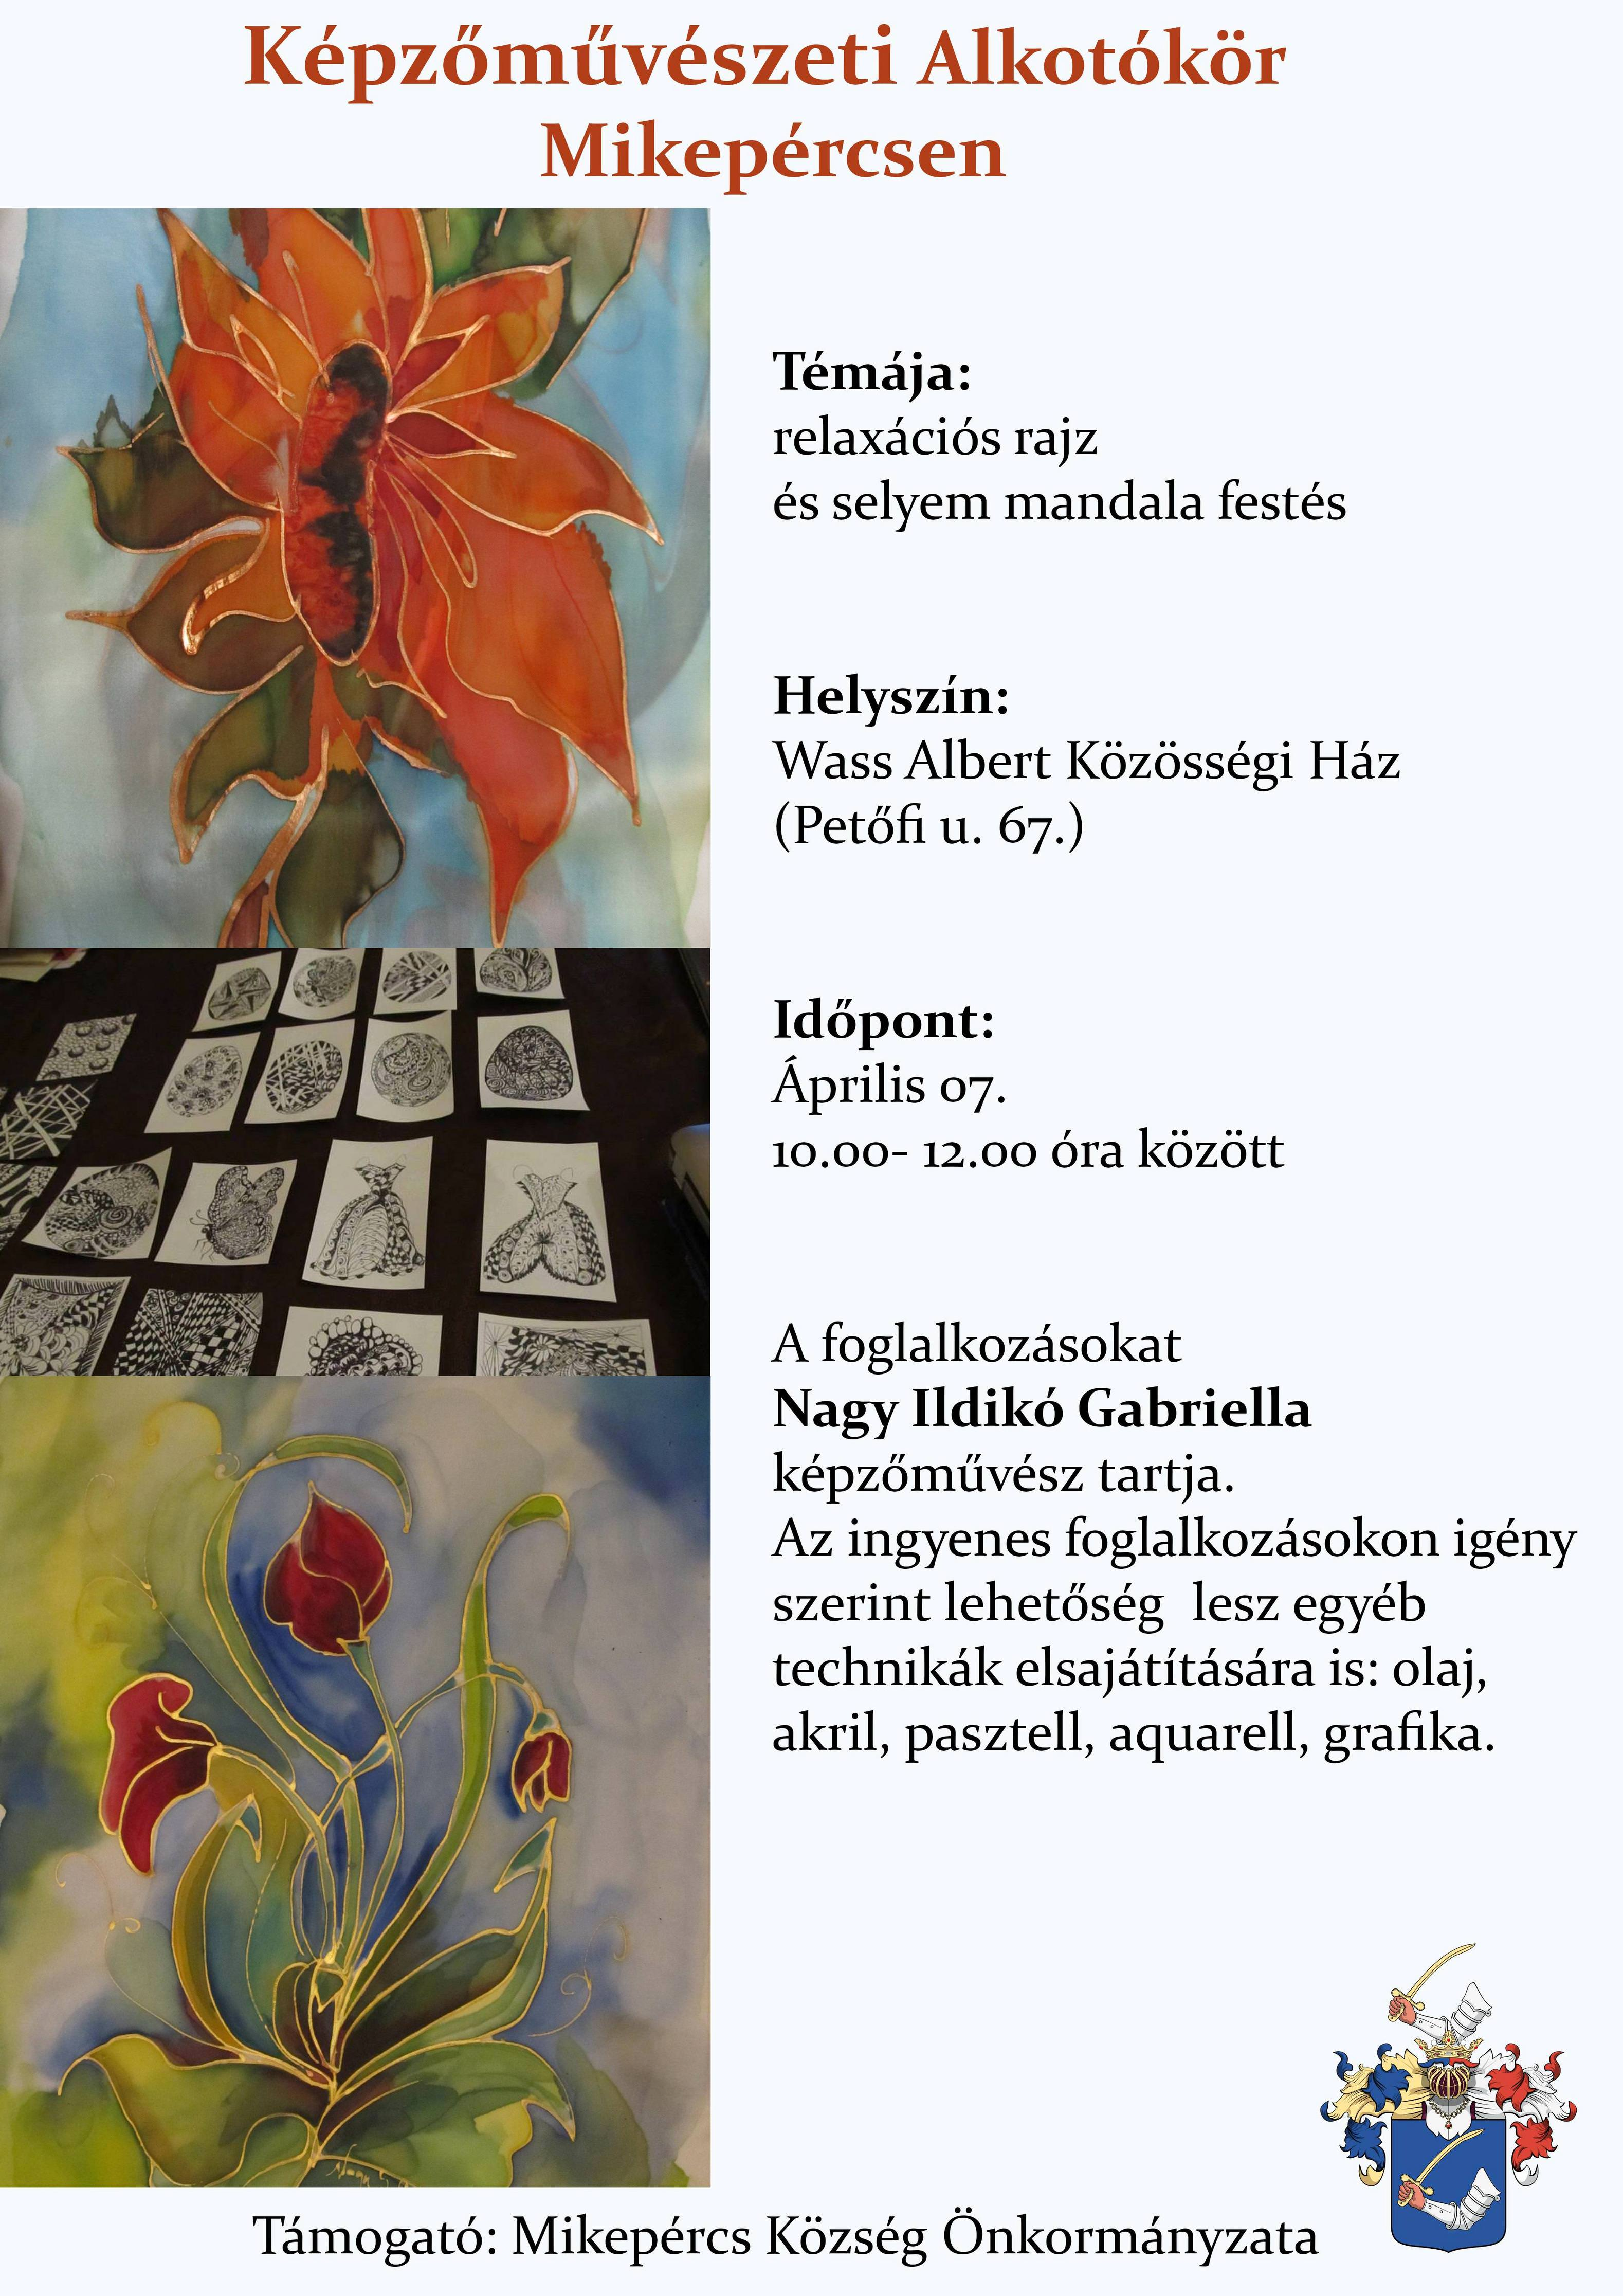 Áprilisi Képzőművészeti Alkotókör Mikepércsen